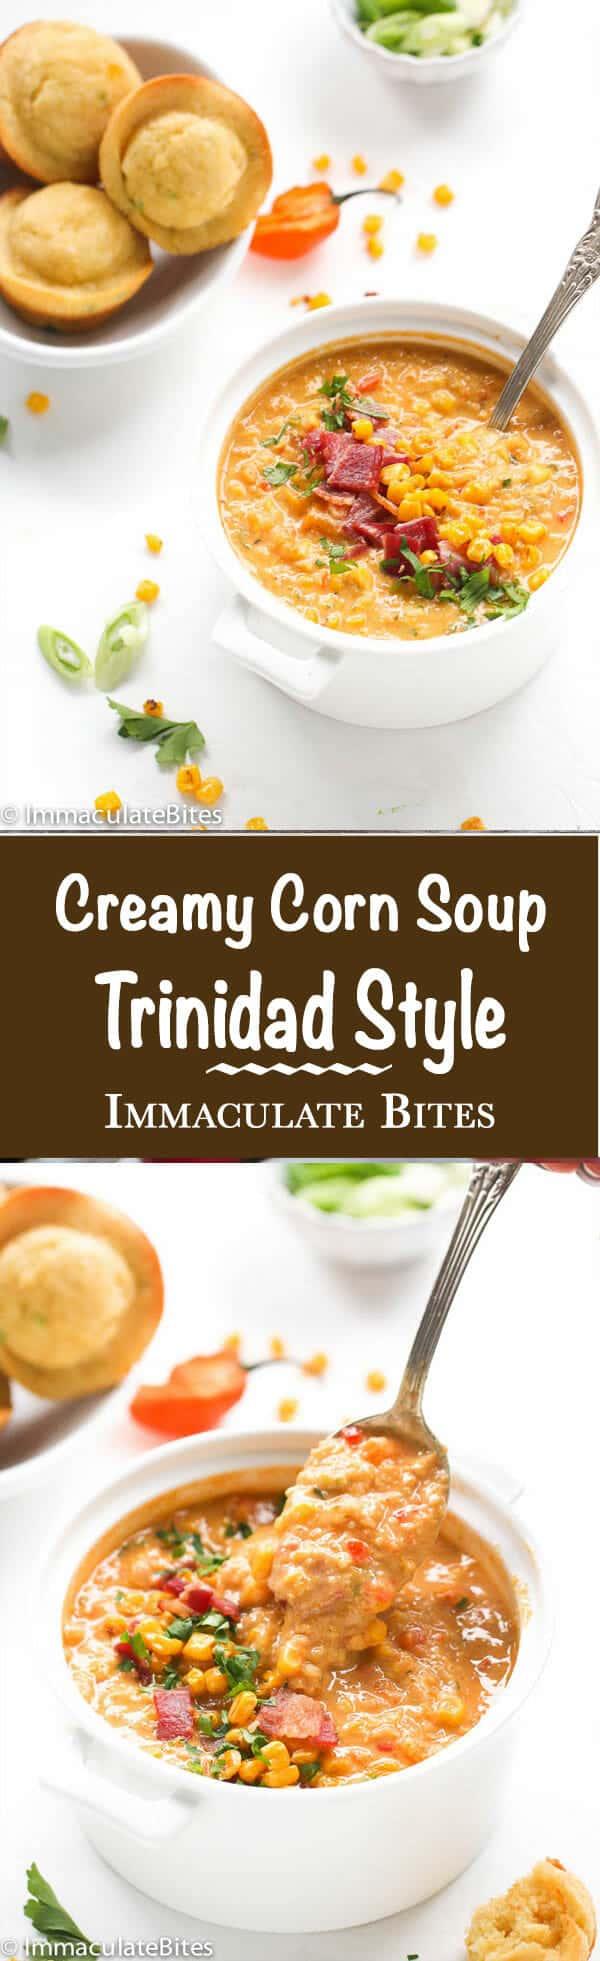 Trinidad corn-soup